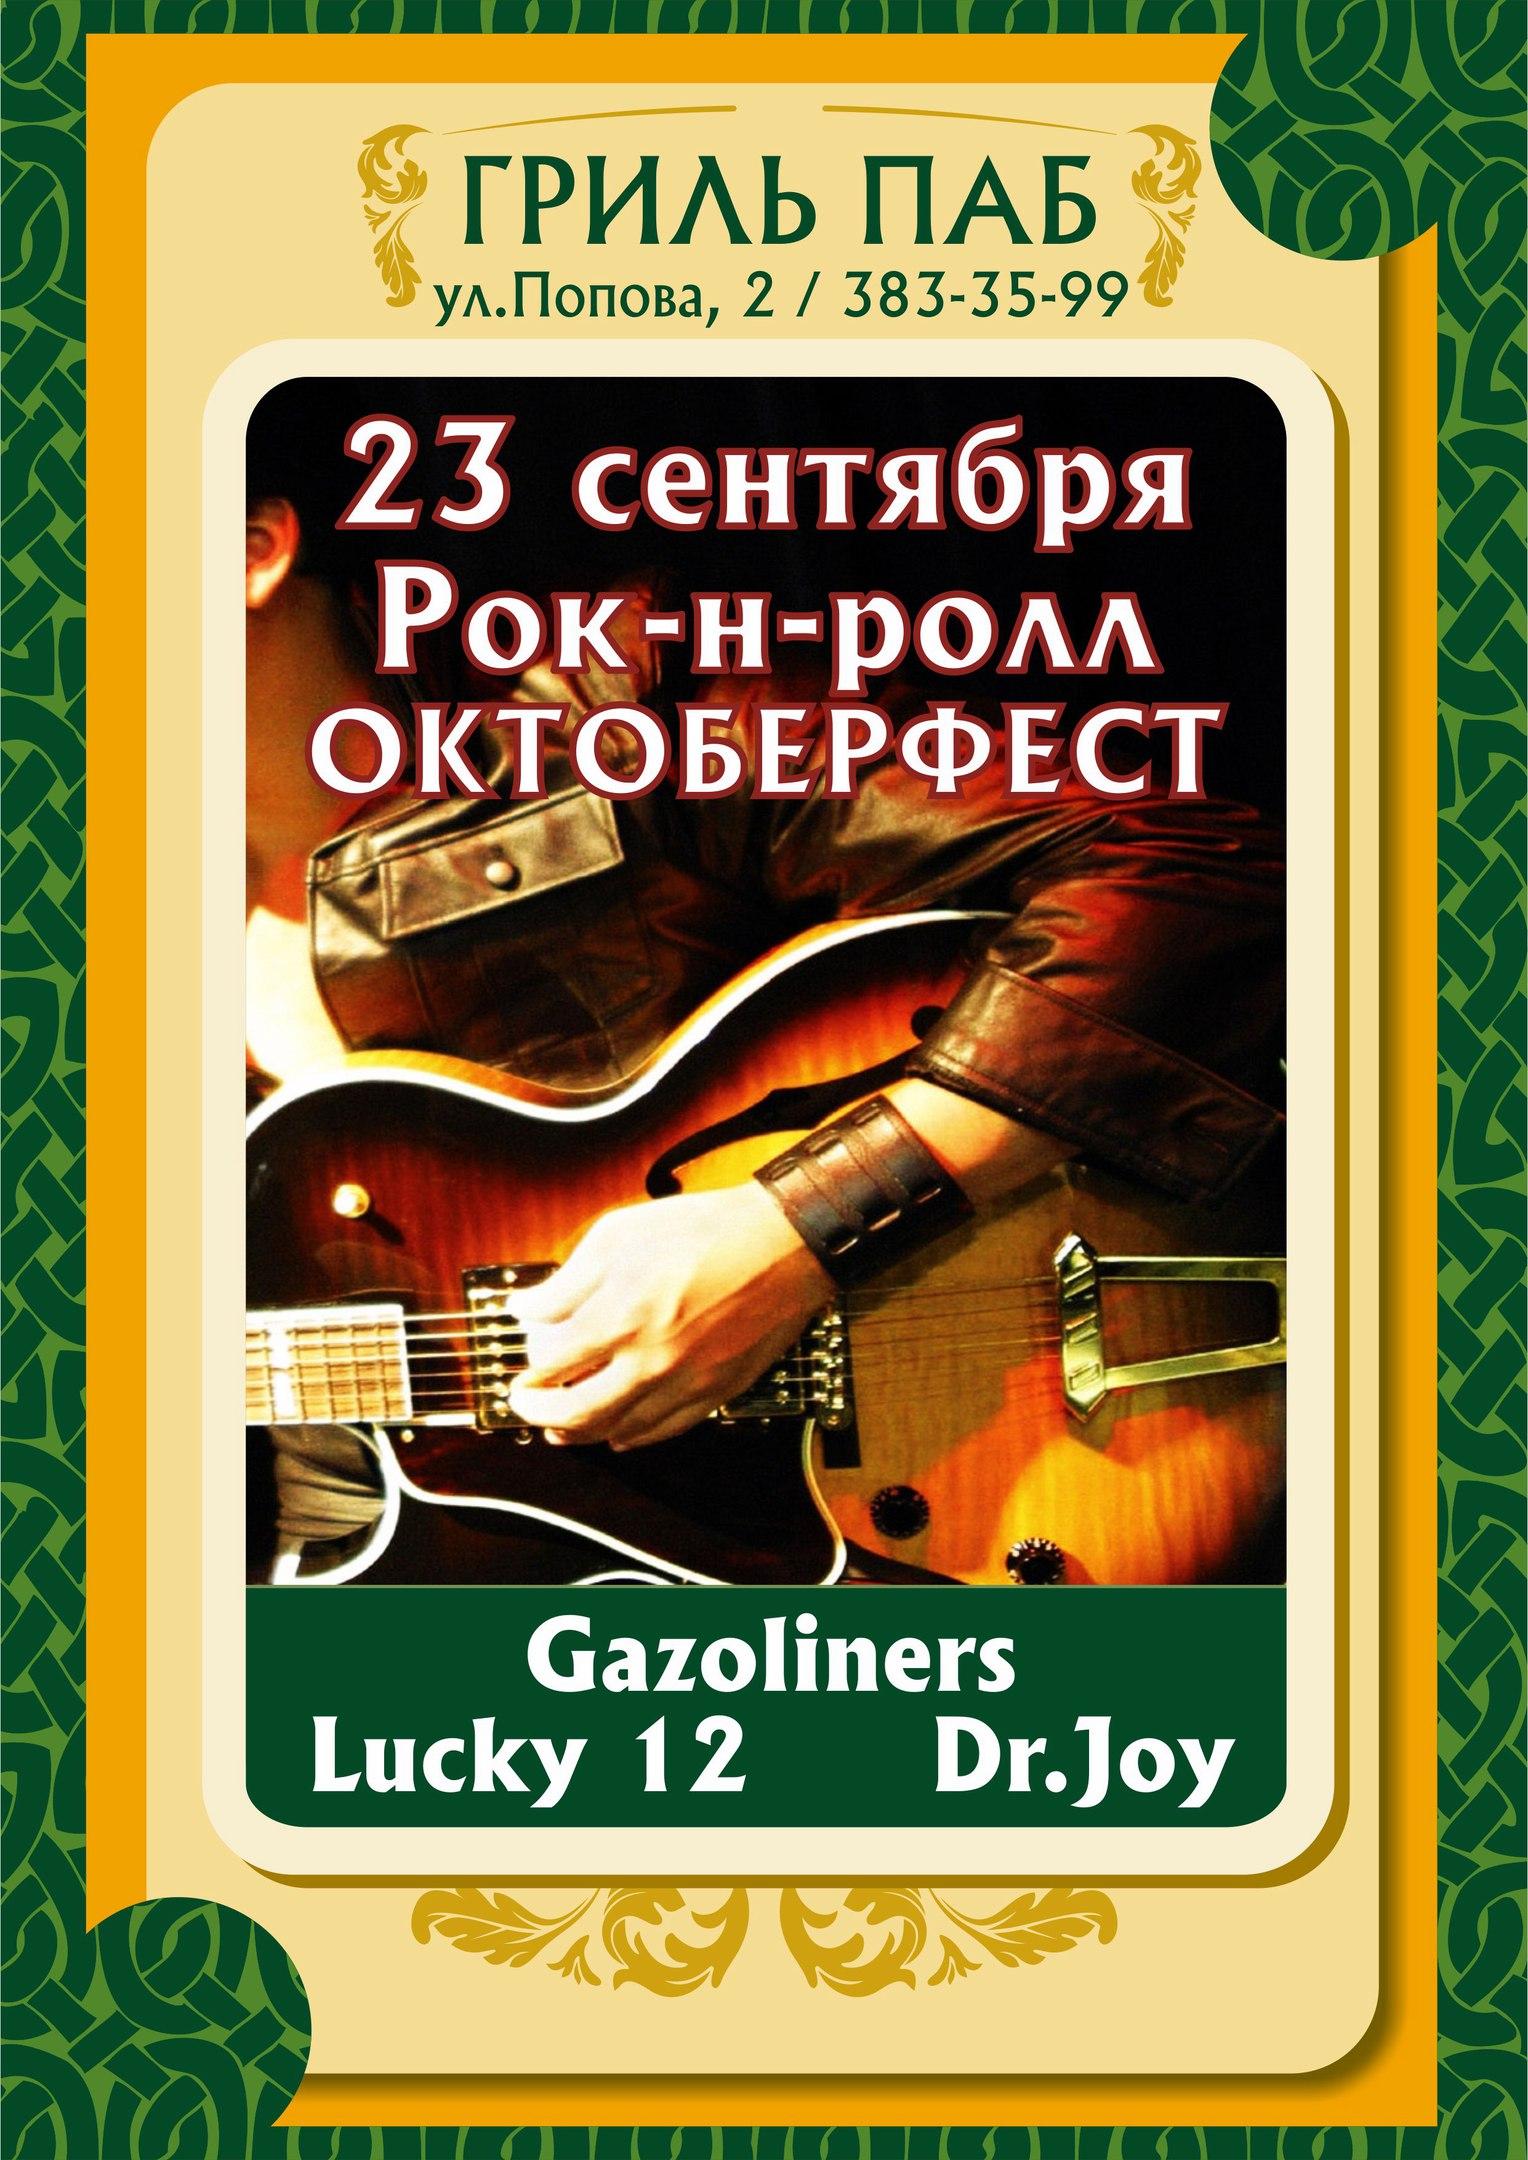 23.09 Рок-н-ролл Октоберфест в Гриль Пабе!